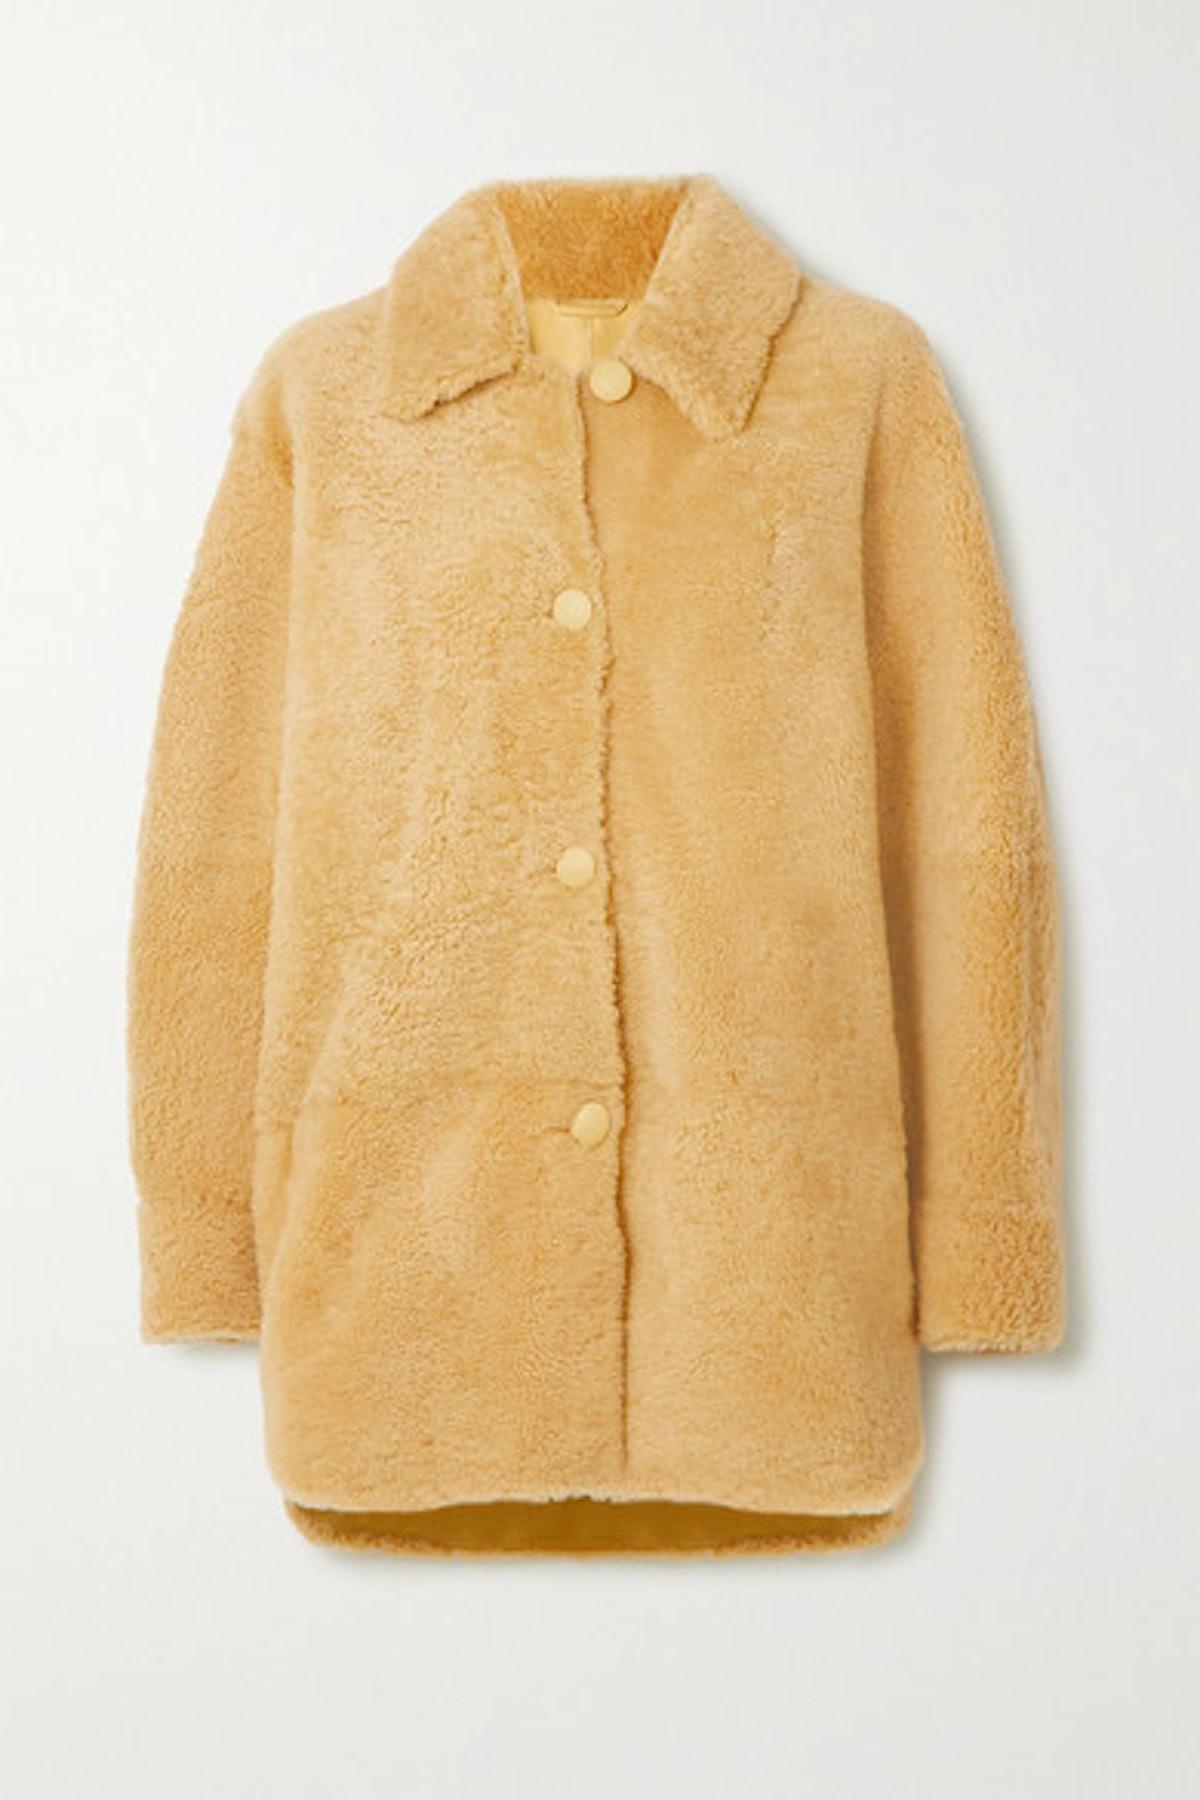 Sarvey Shearling Jacket